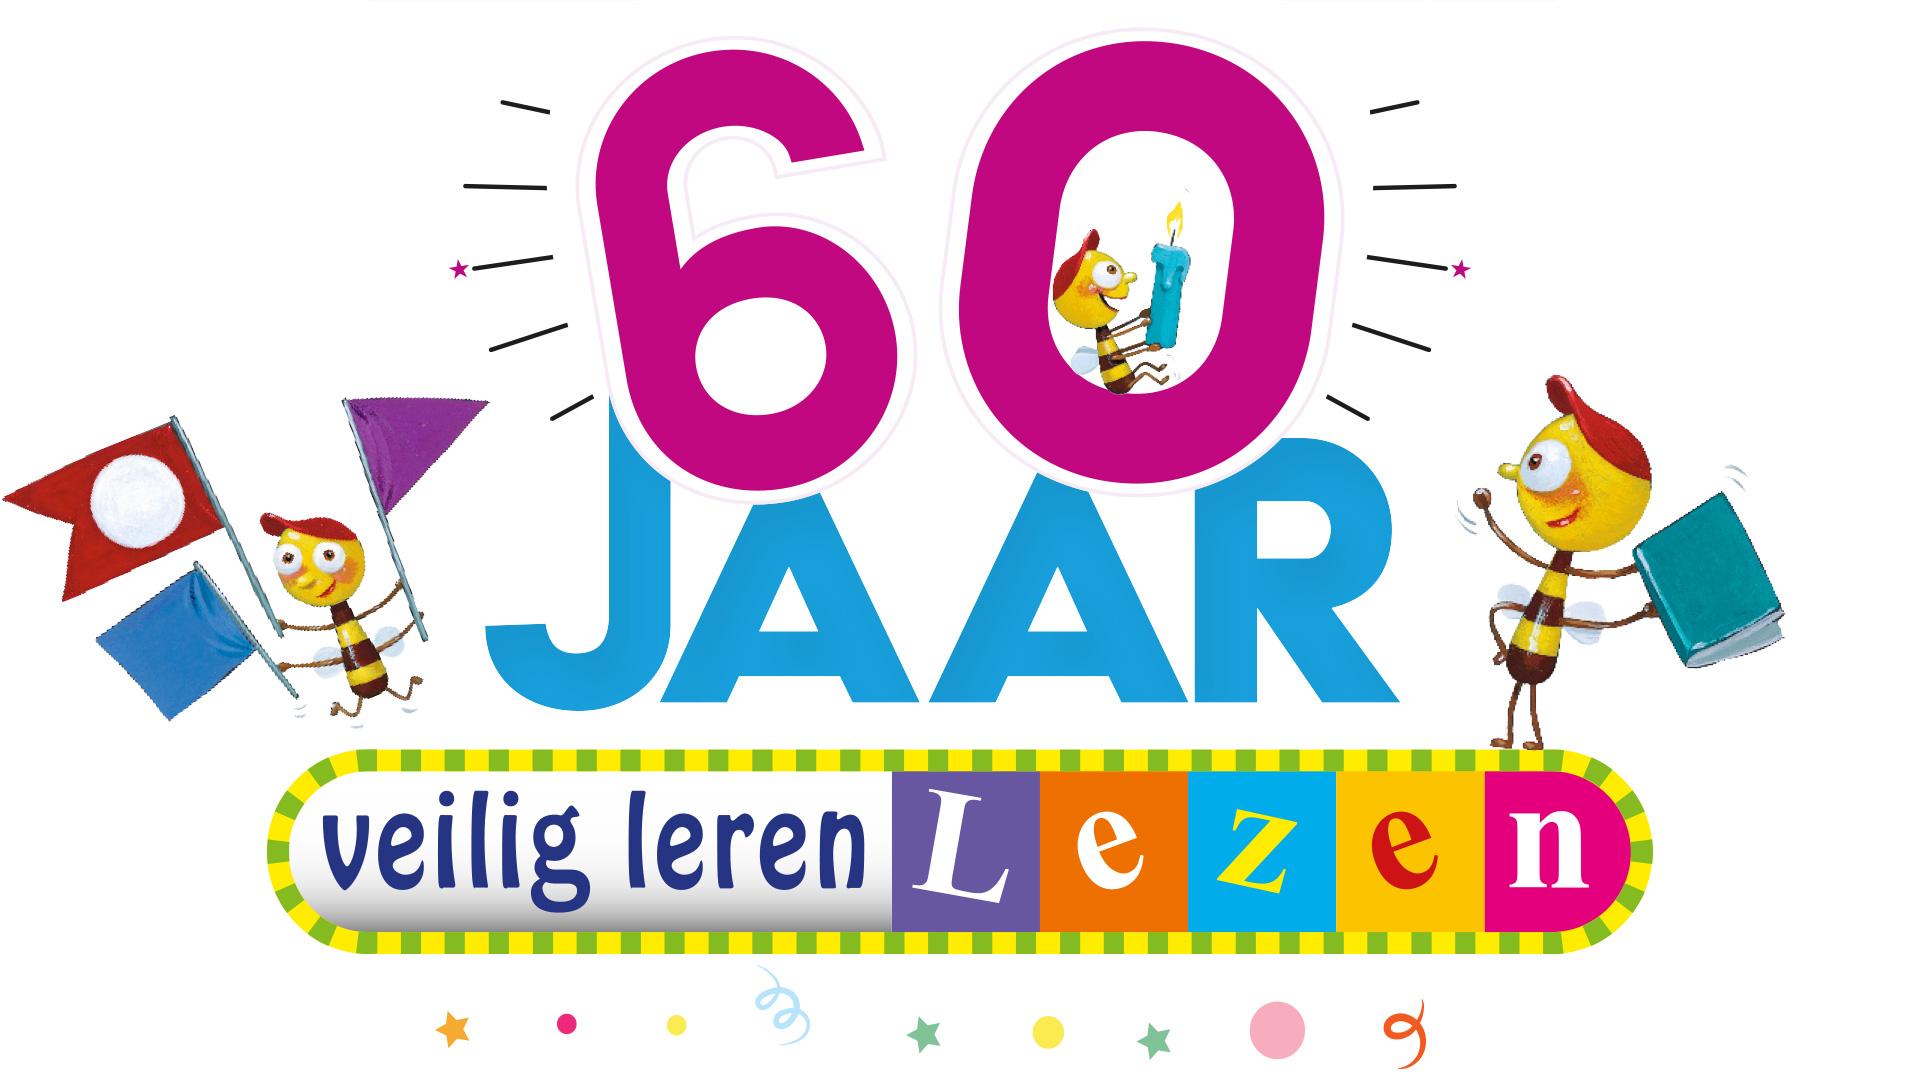 60 jaar Veilig leren lezen - Doe mee met onze wedstrijd!